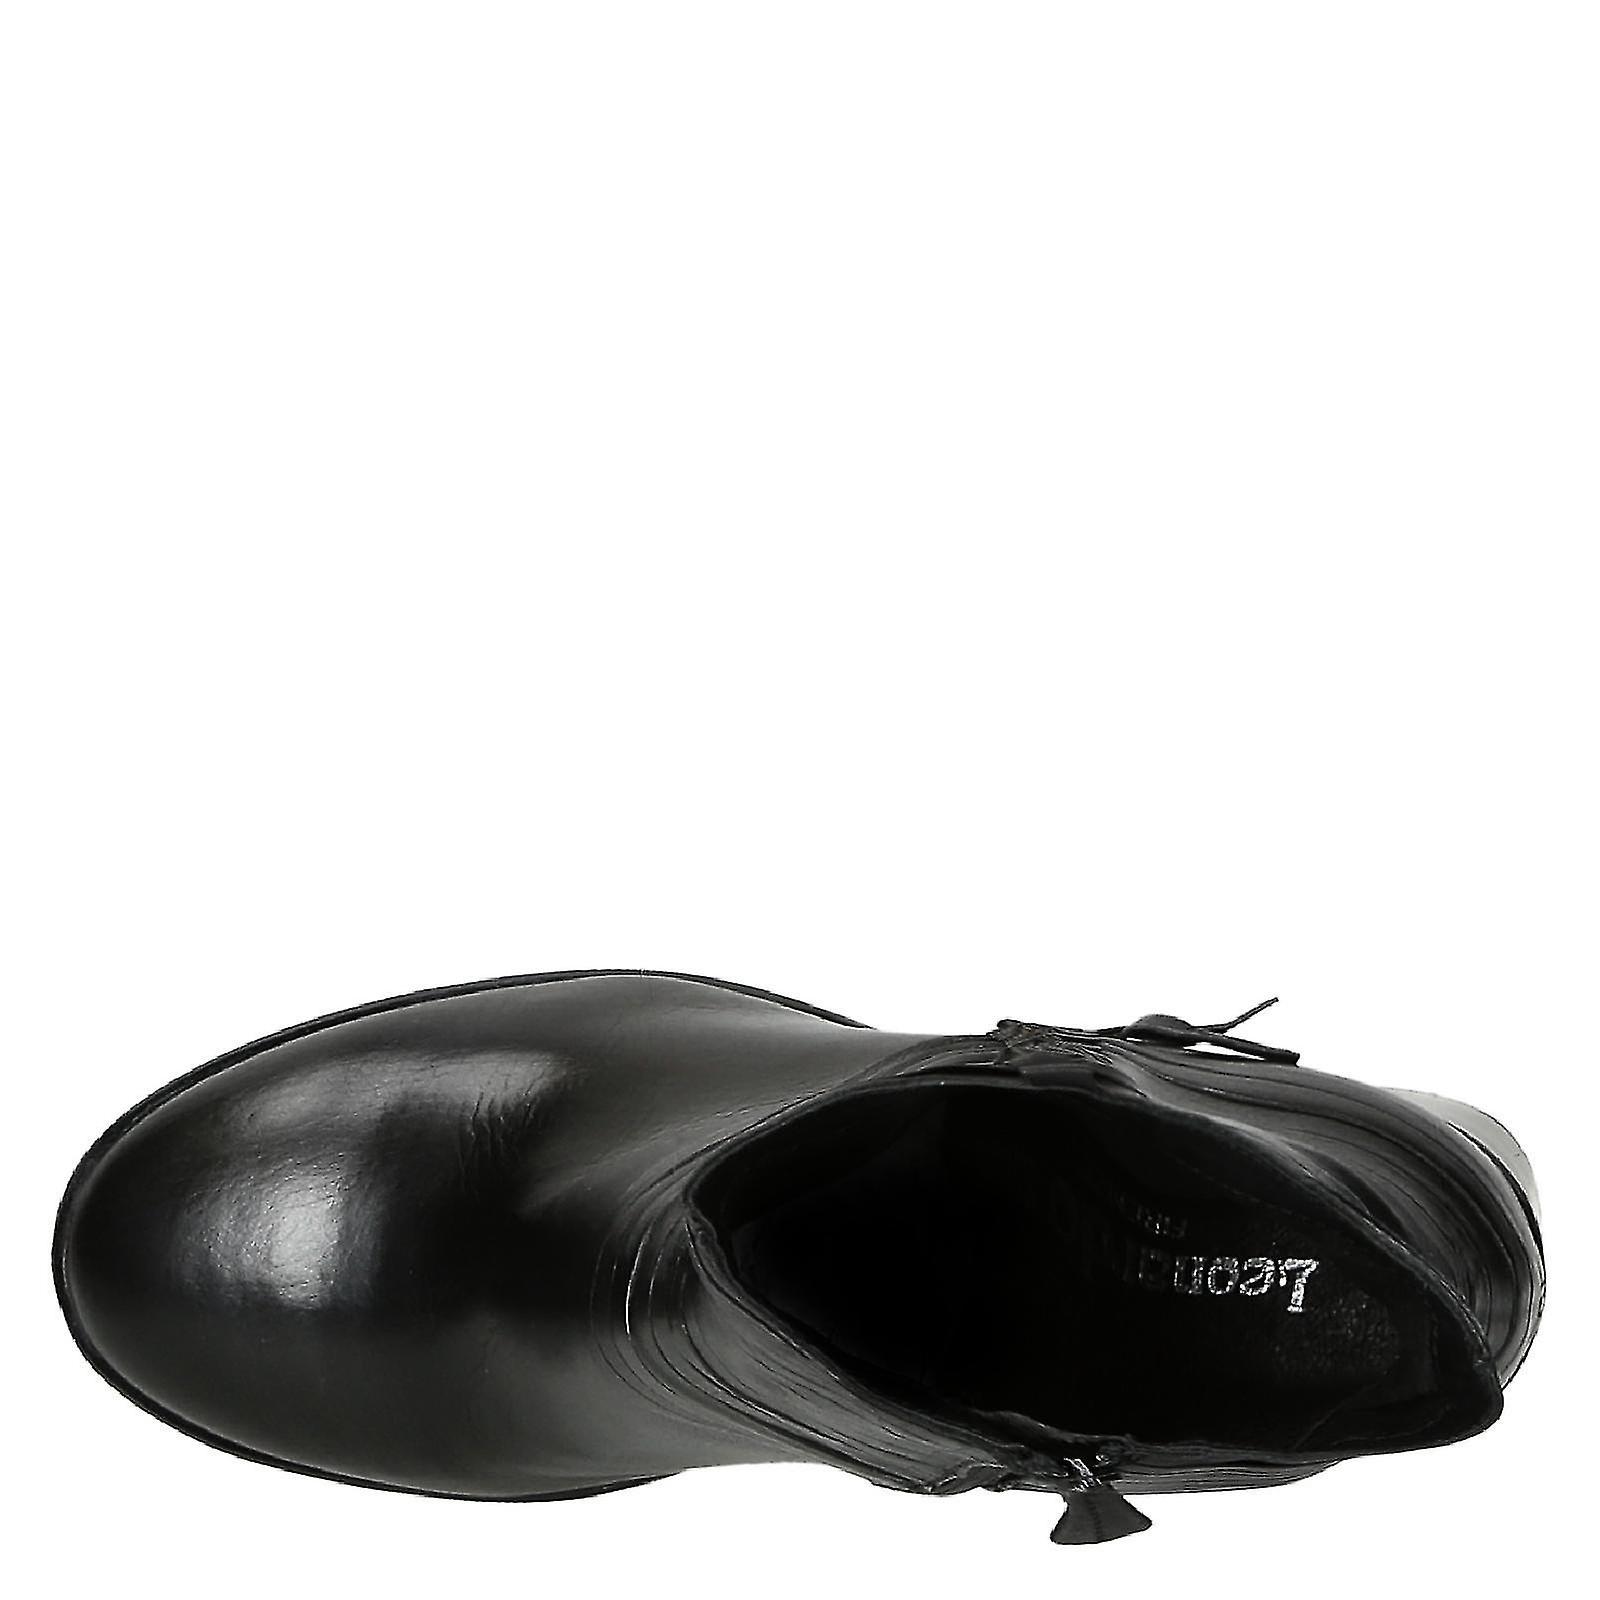 La main bloc talons bottines en cuir noir